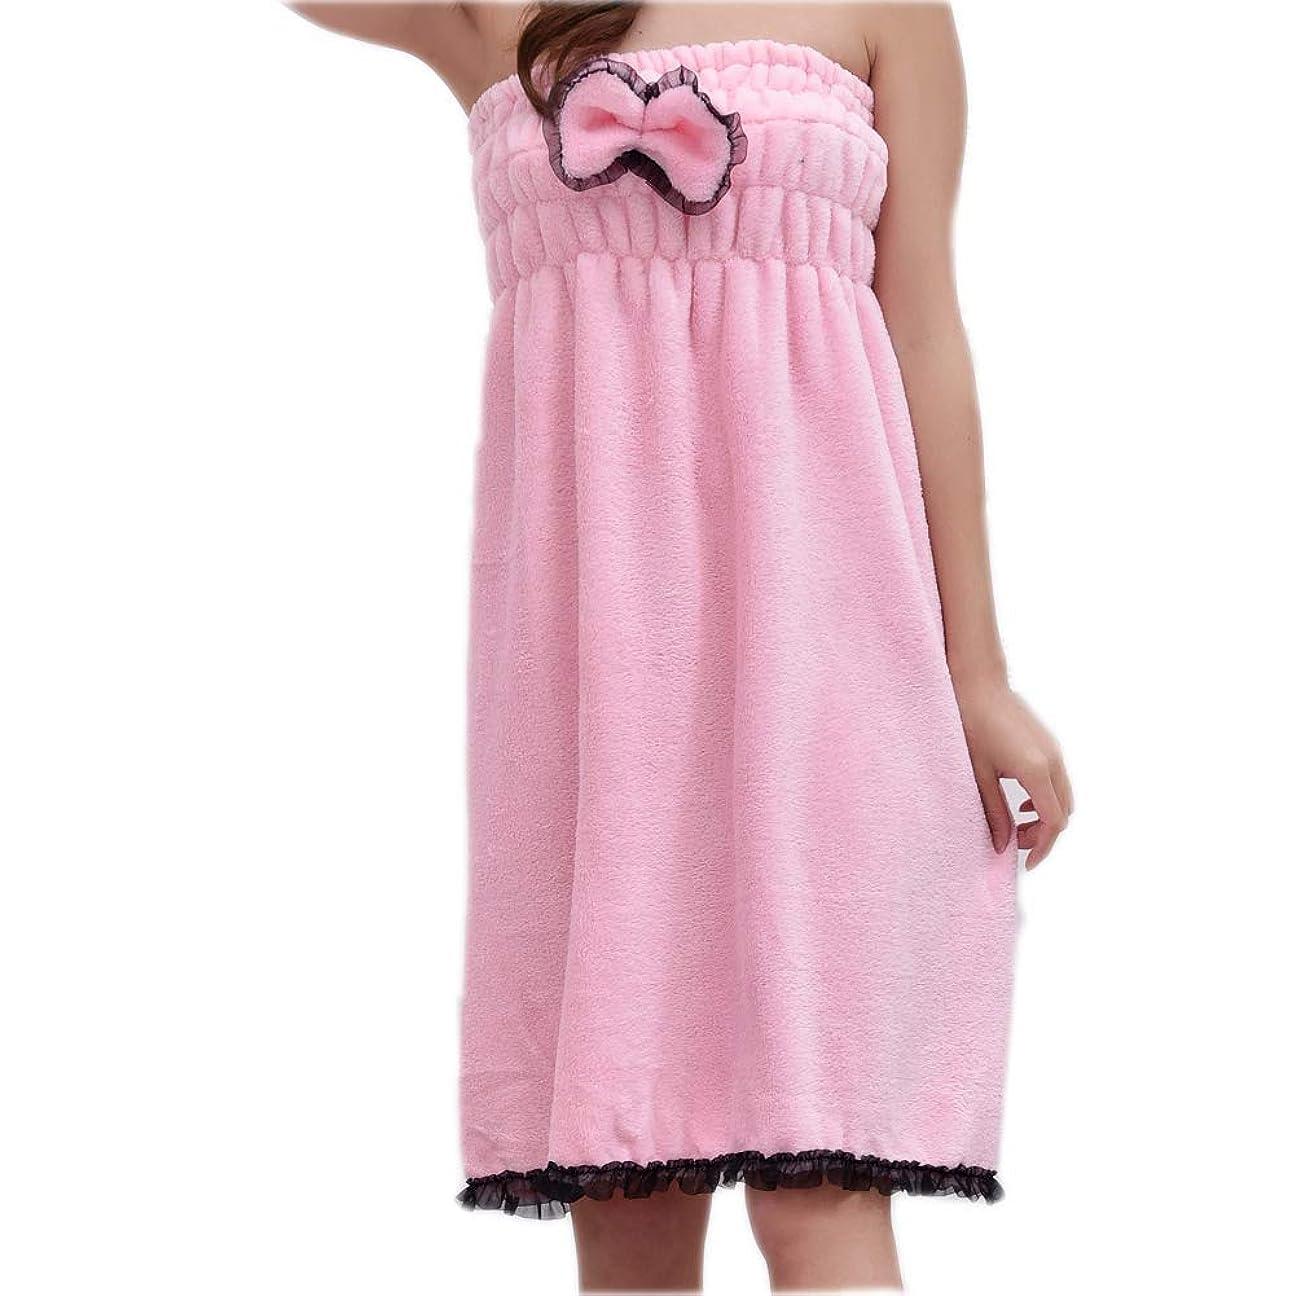 大学院枯渇する雄弁なChinashow マイクロ ファイバーバス タオル ラップ セット-豪華な ボウ エラスティック スパ ドレス ヘア ドライヤータオル キャップ付き ピンク